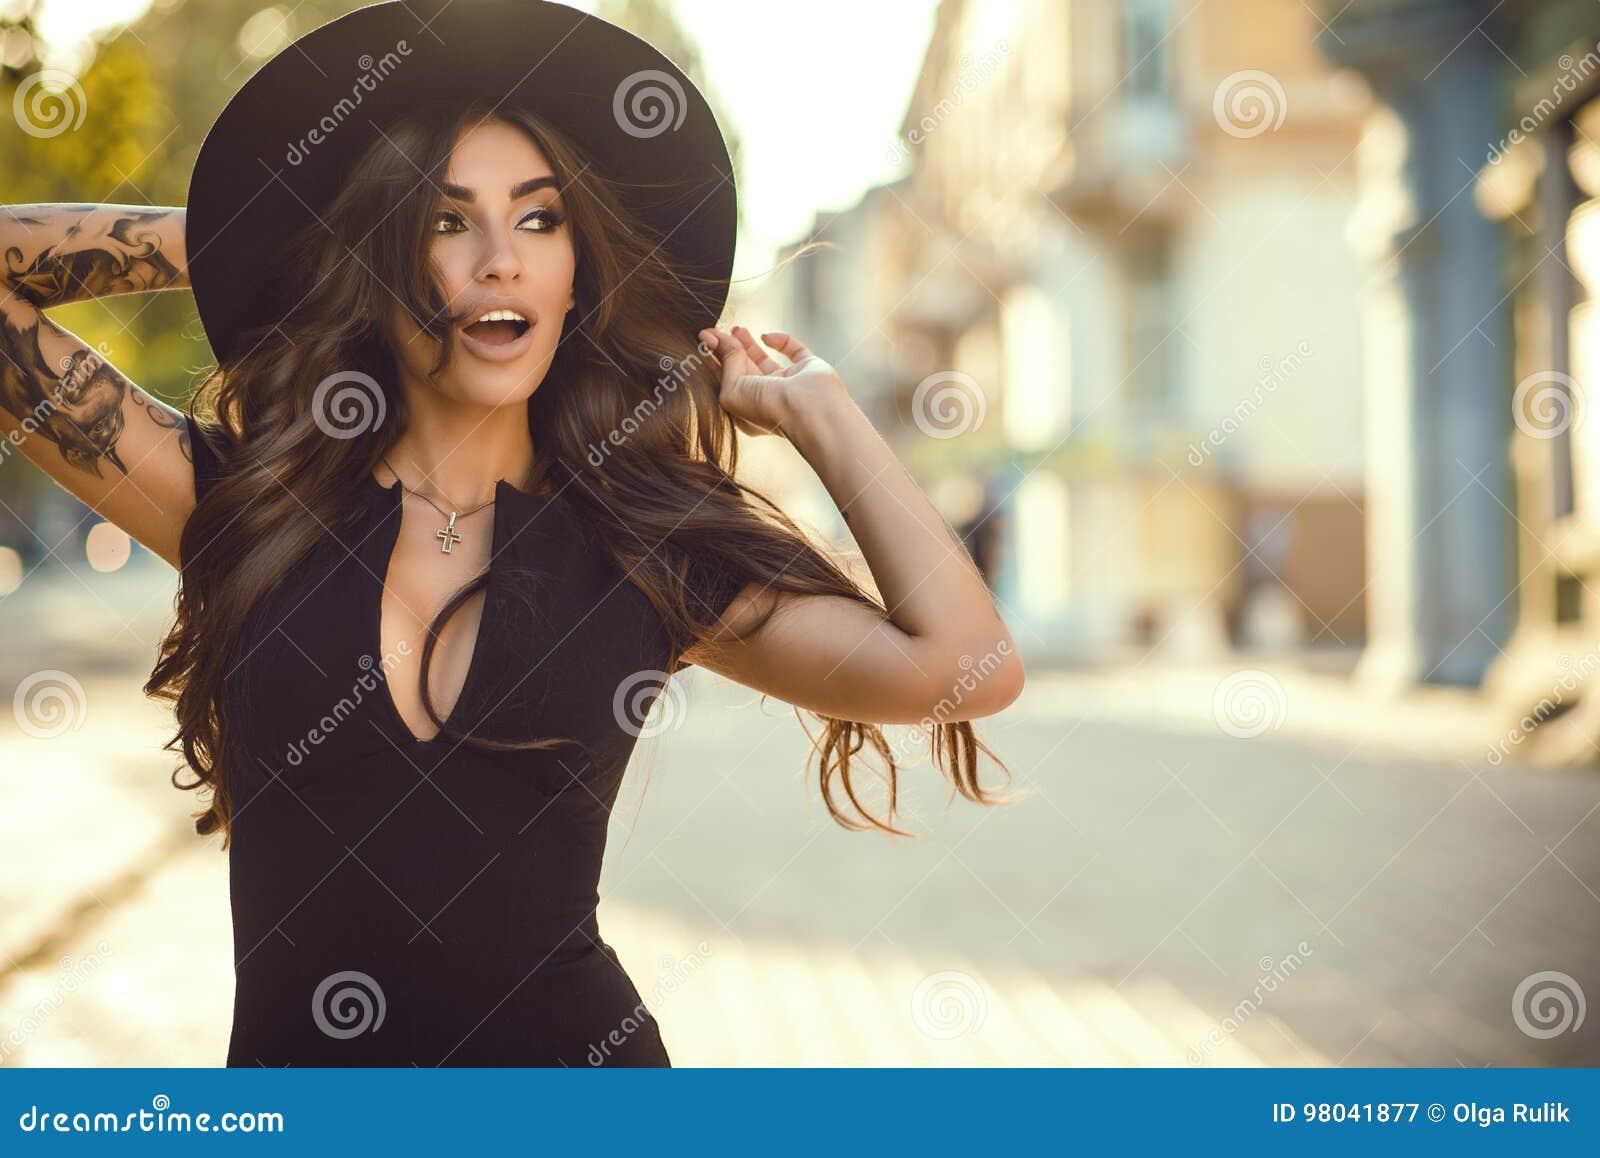 Schitterende glam tatoeeerde dame die haar in fedorahoed voor het houden weg te blazen niet, haar mond open met verrassing